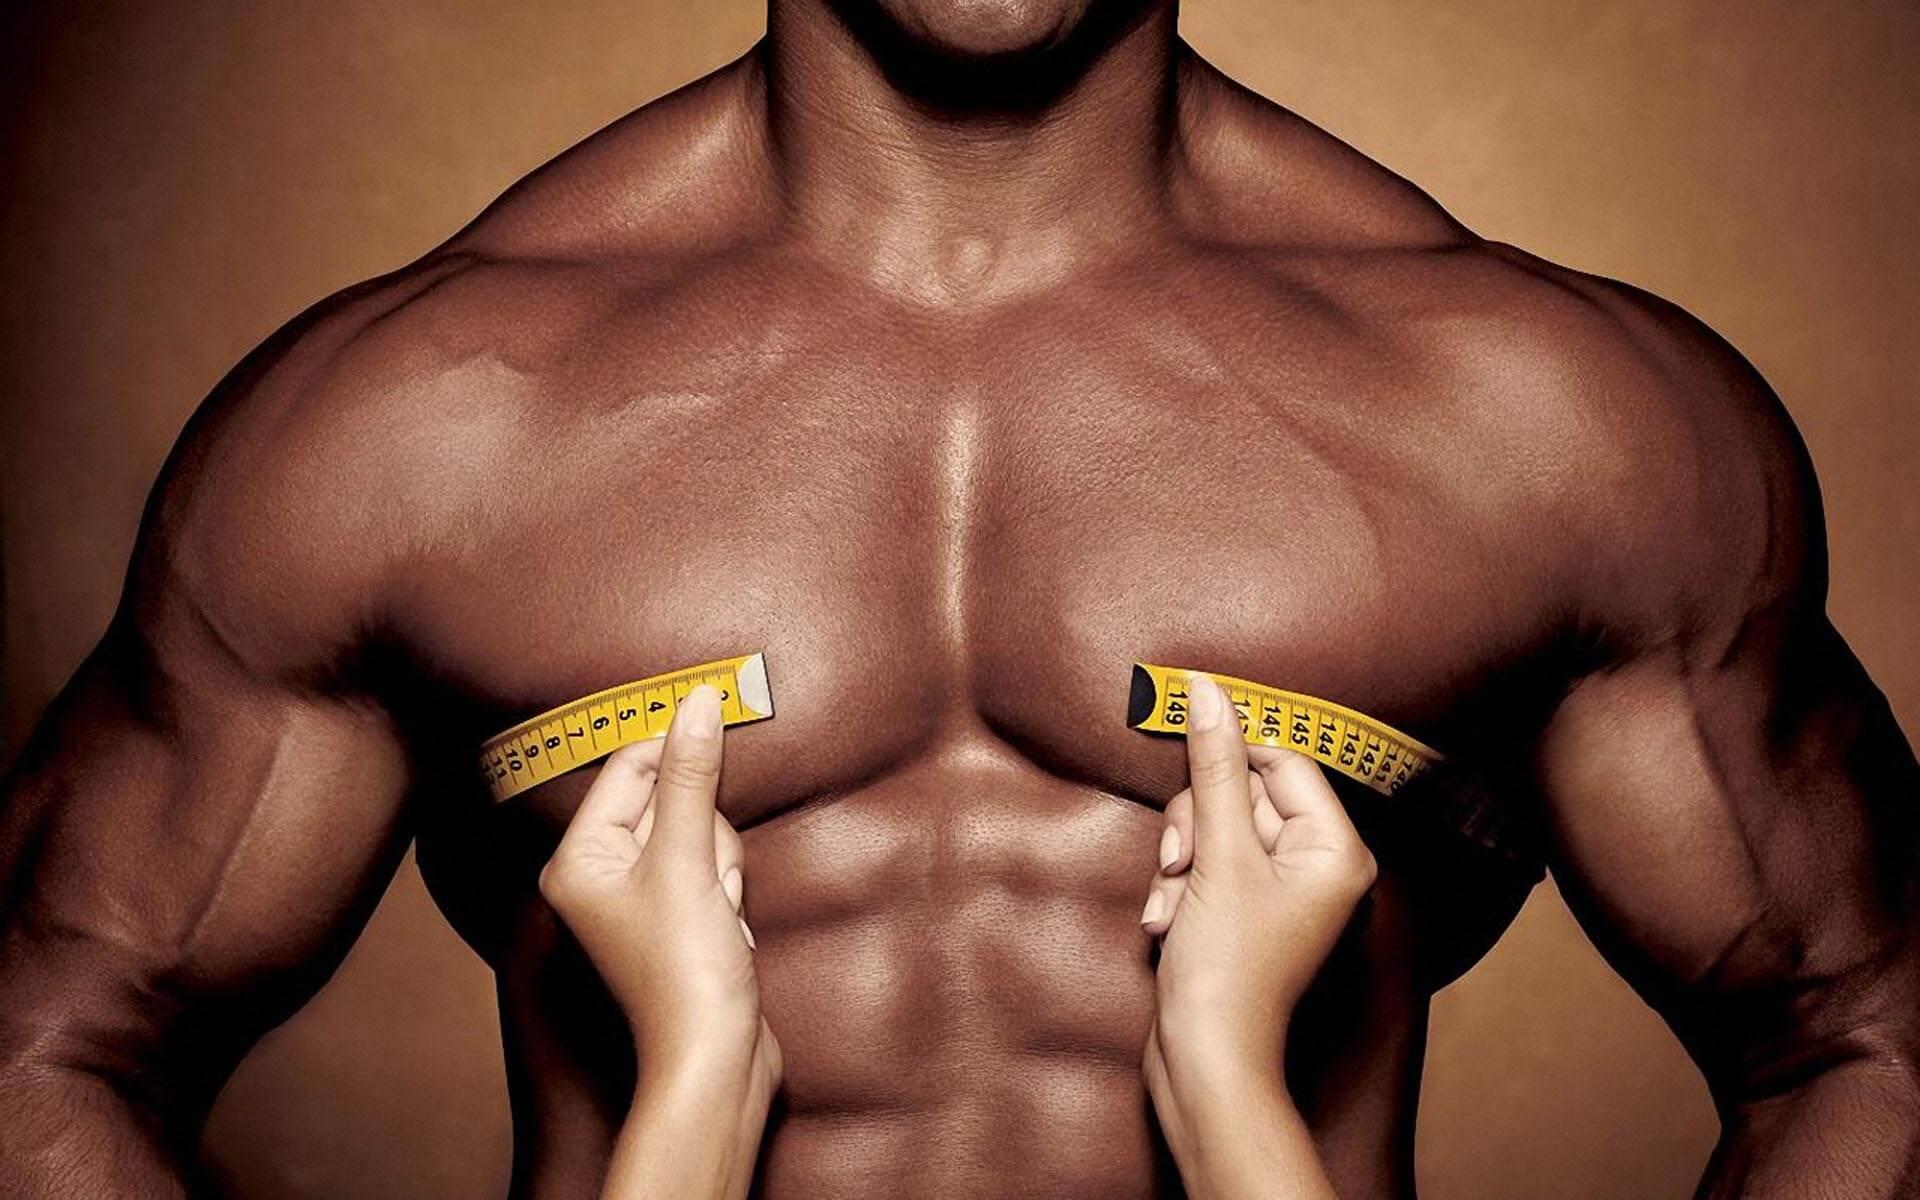 определение объема груди у мужчины